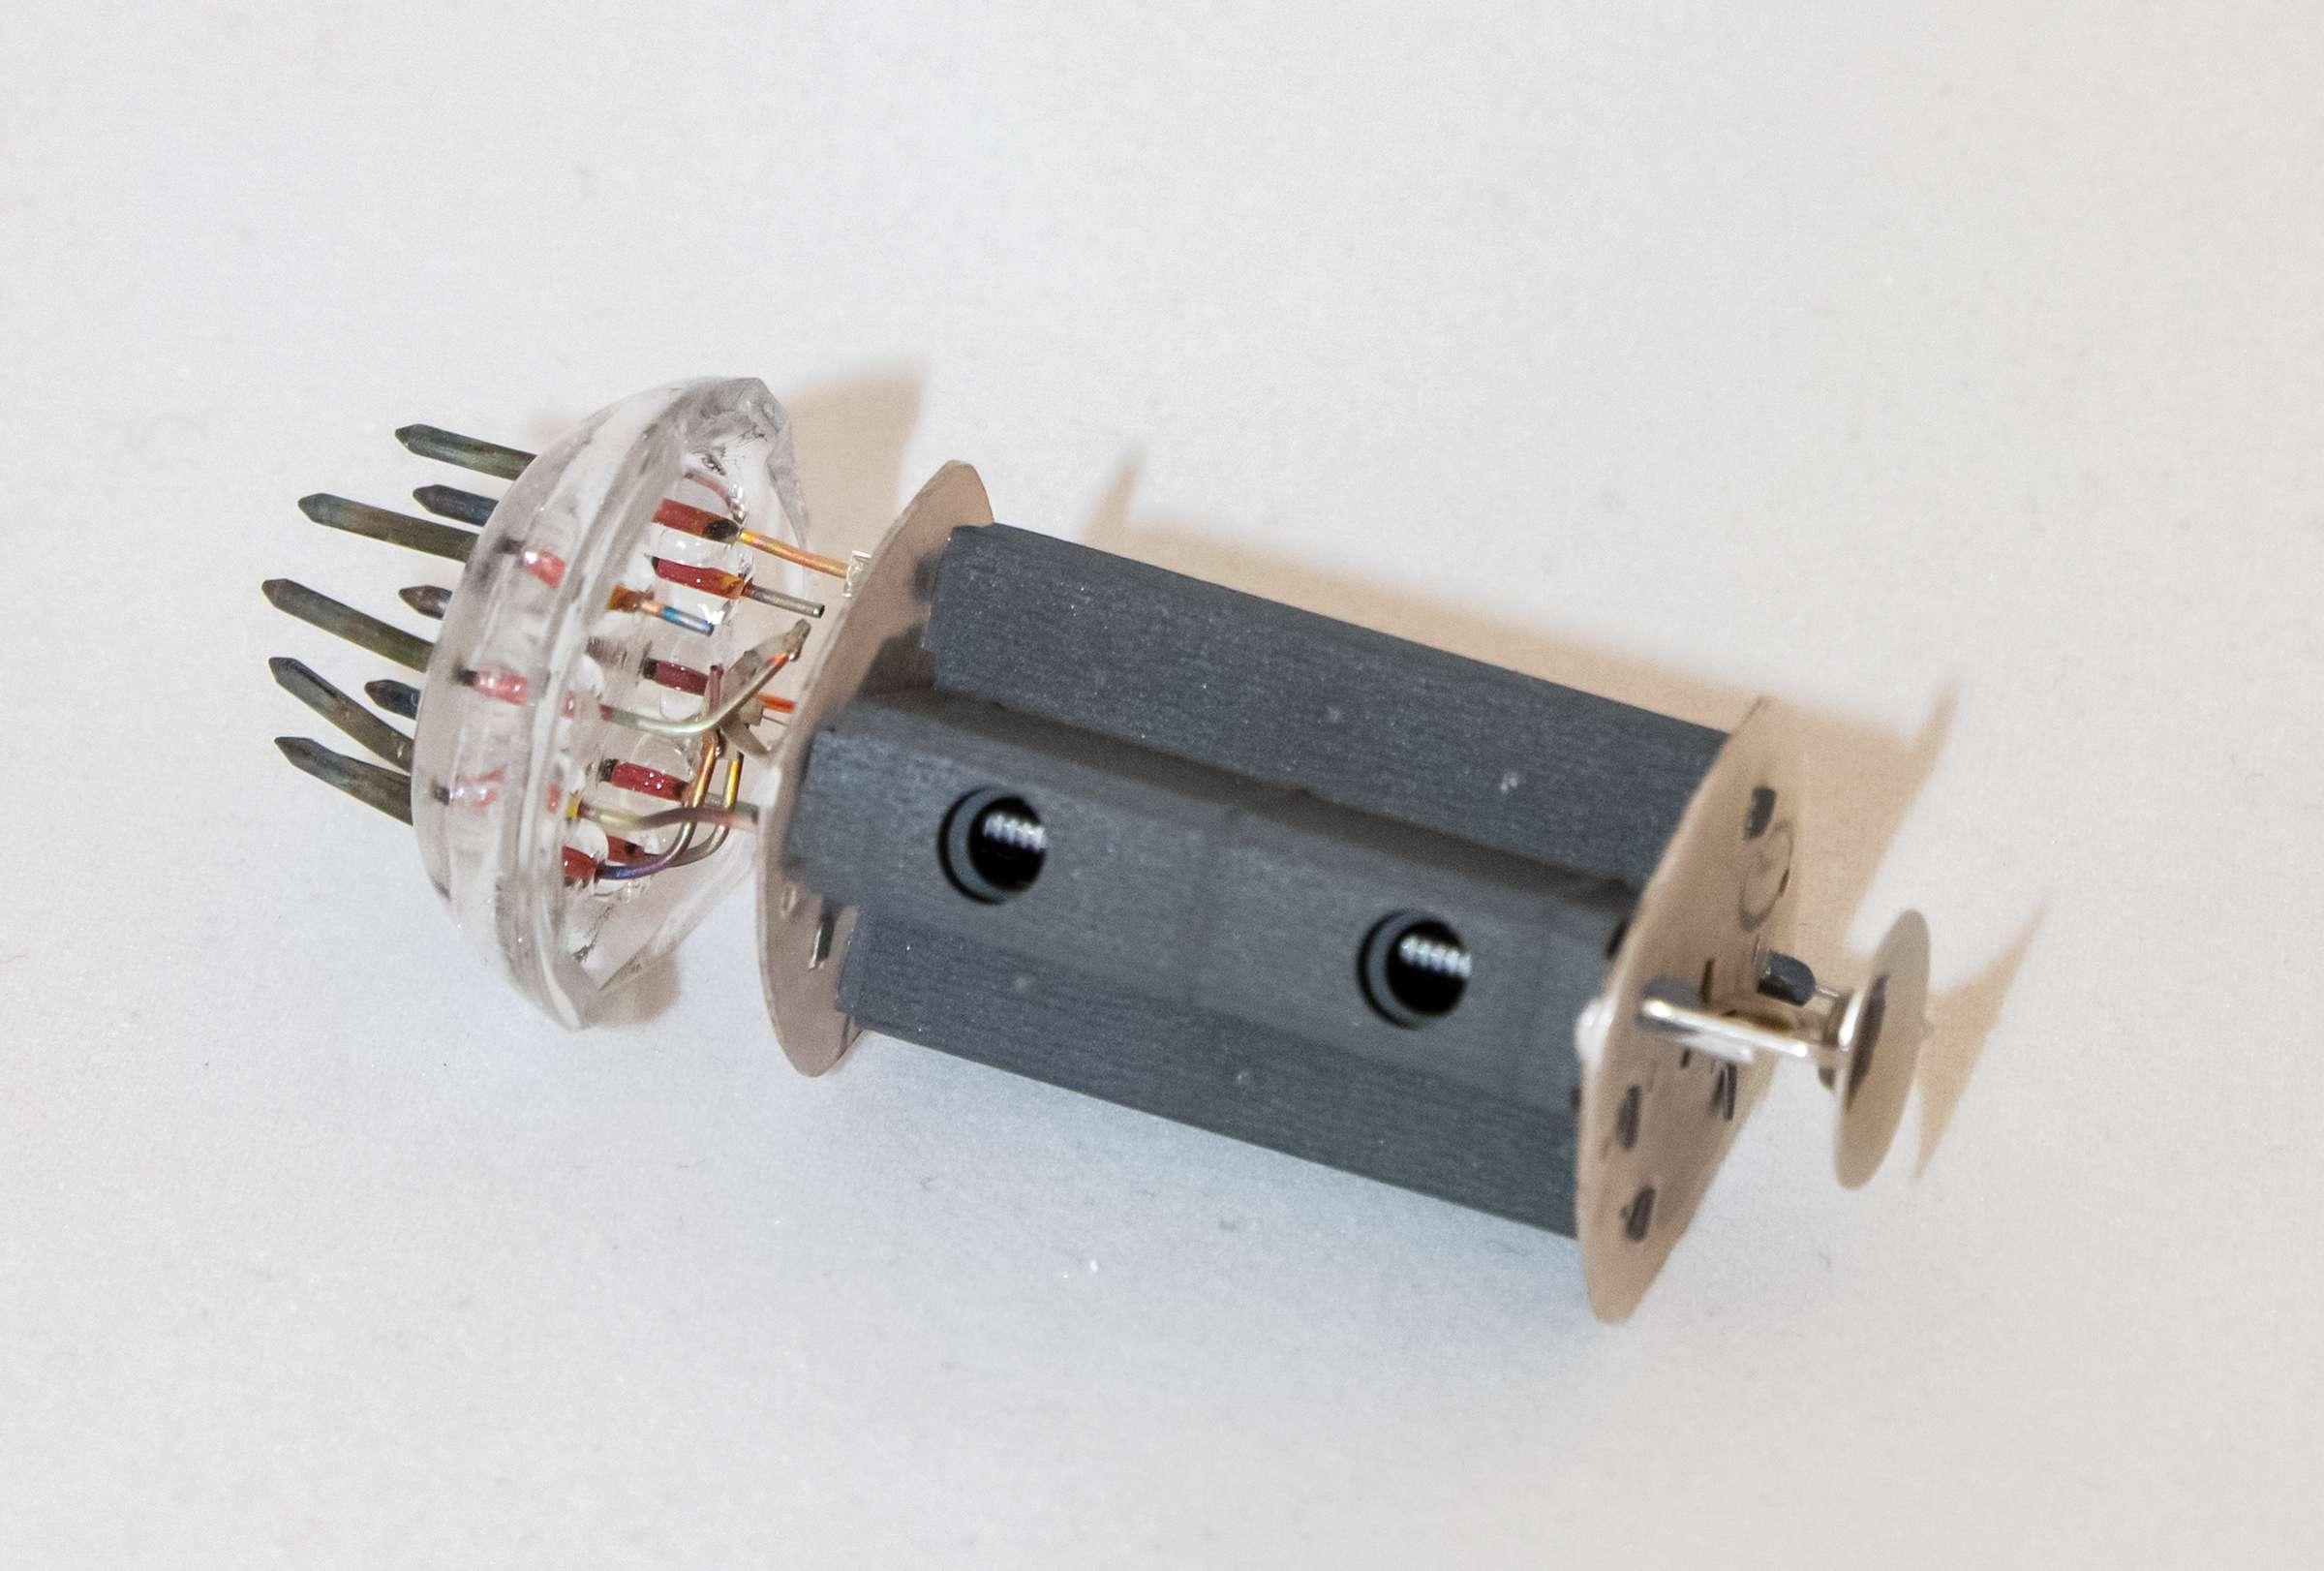 Внутреннее устройство радиолампы 6П43П-Е